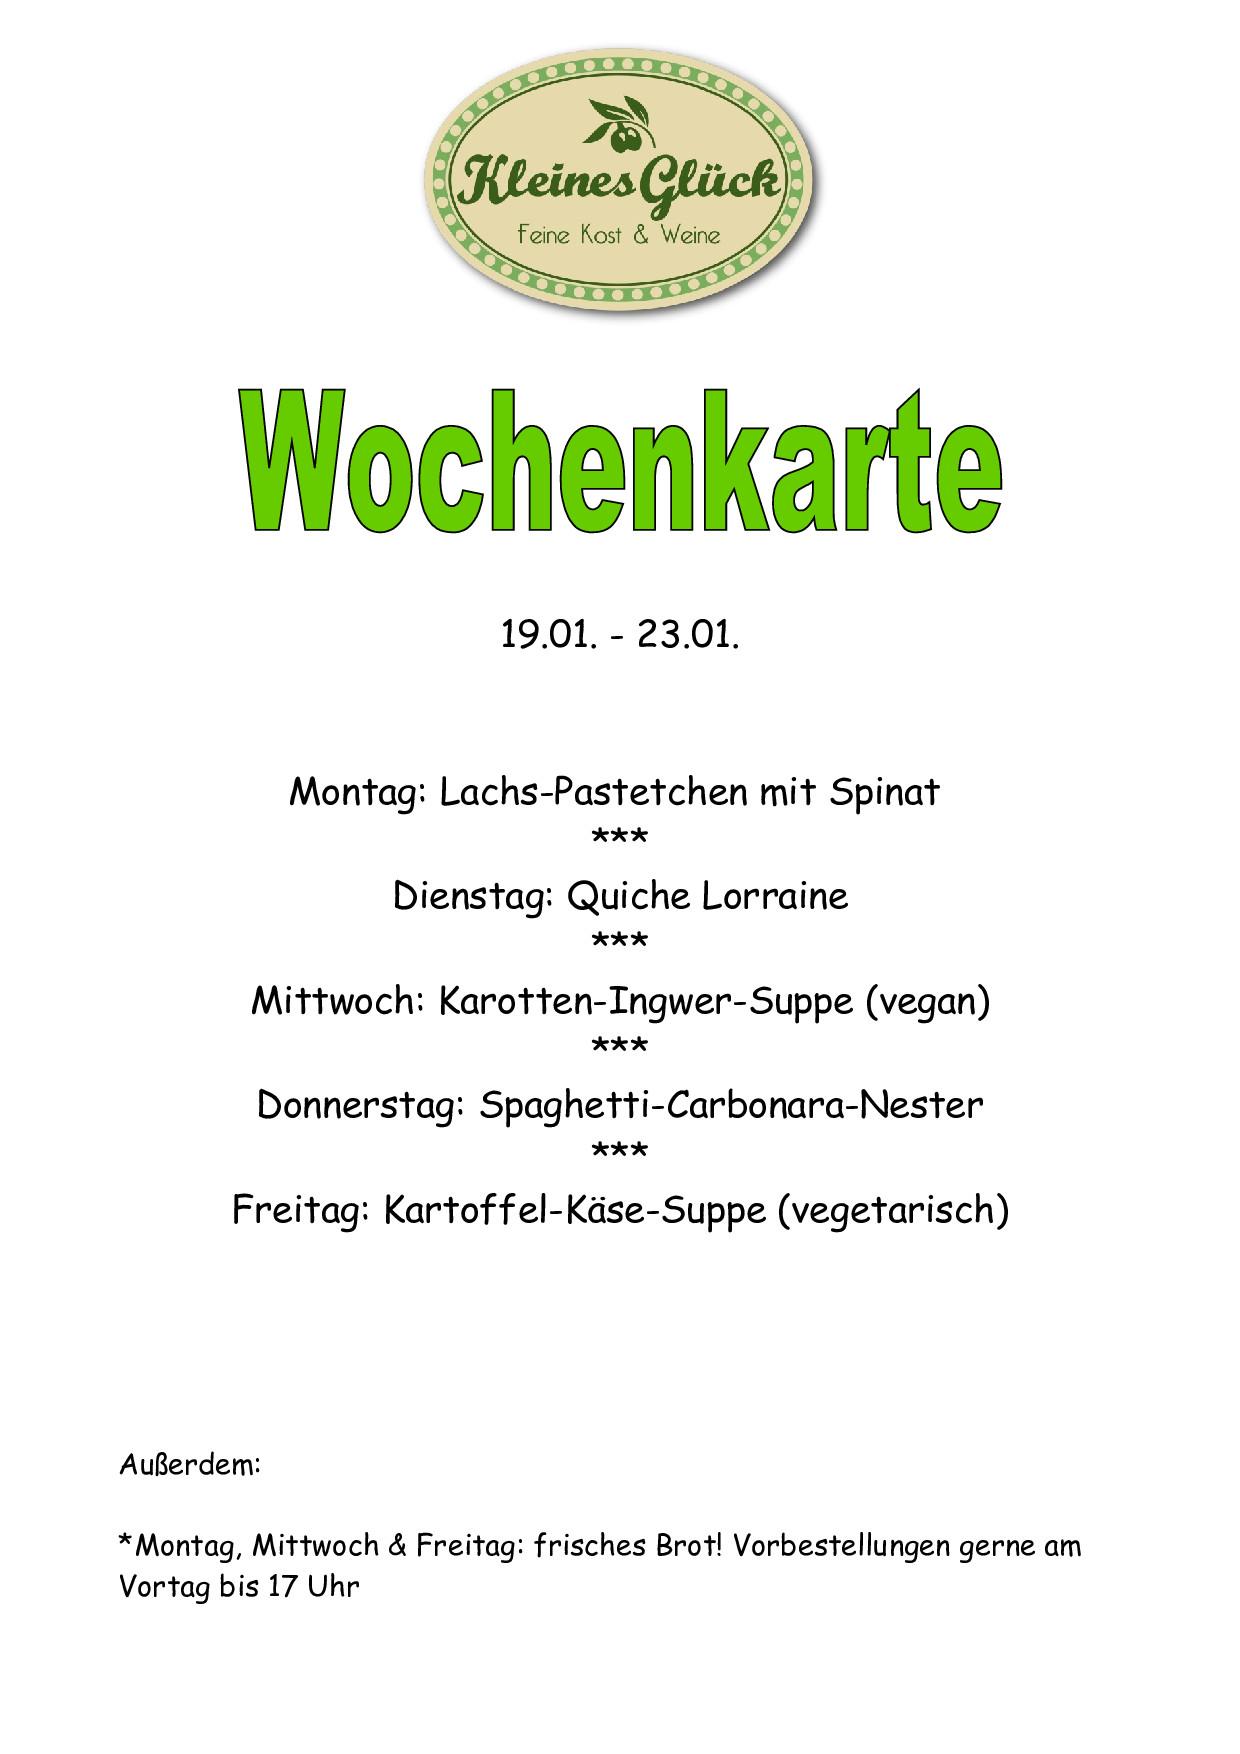 Wochenkarte_15-03